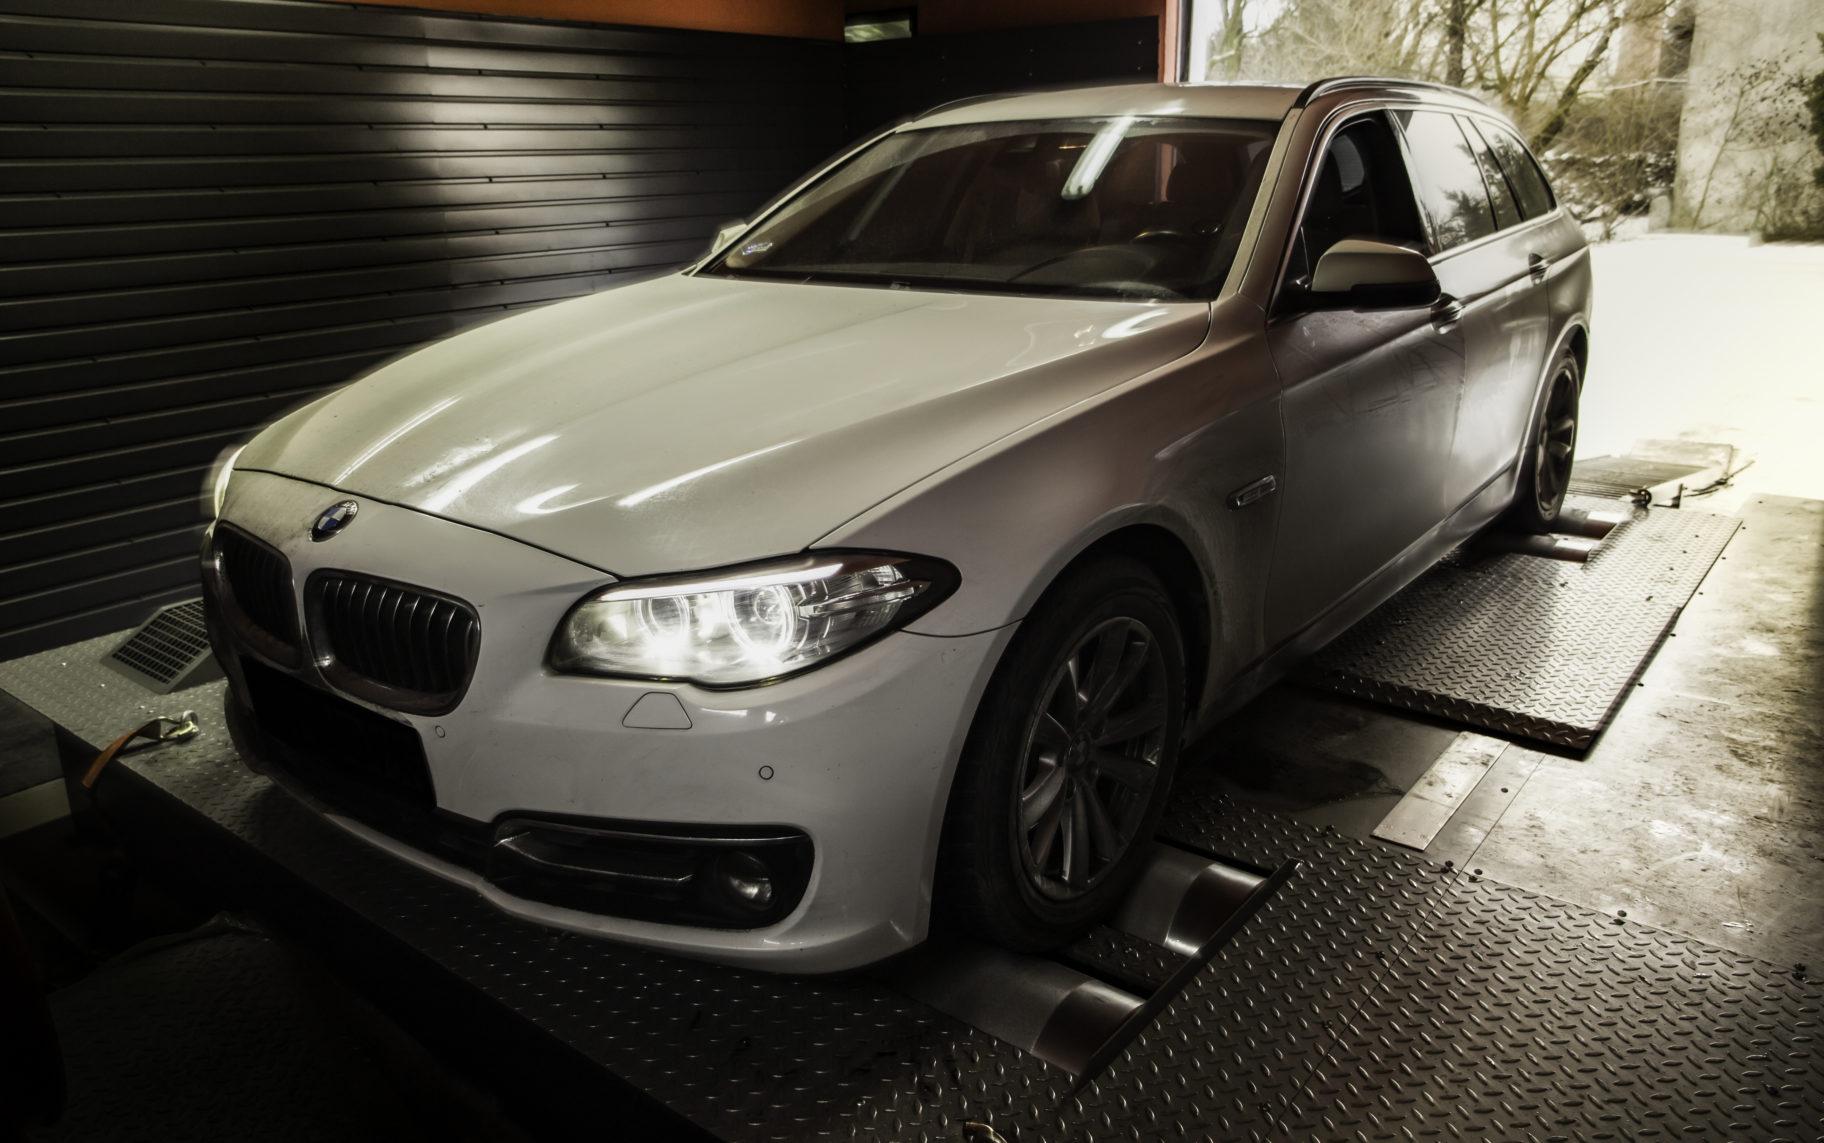 BMW F11 po tuningu na hamowni w s-performance